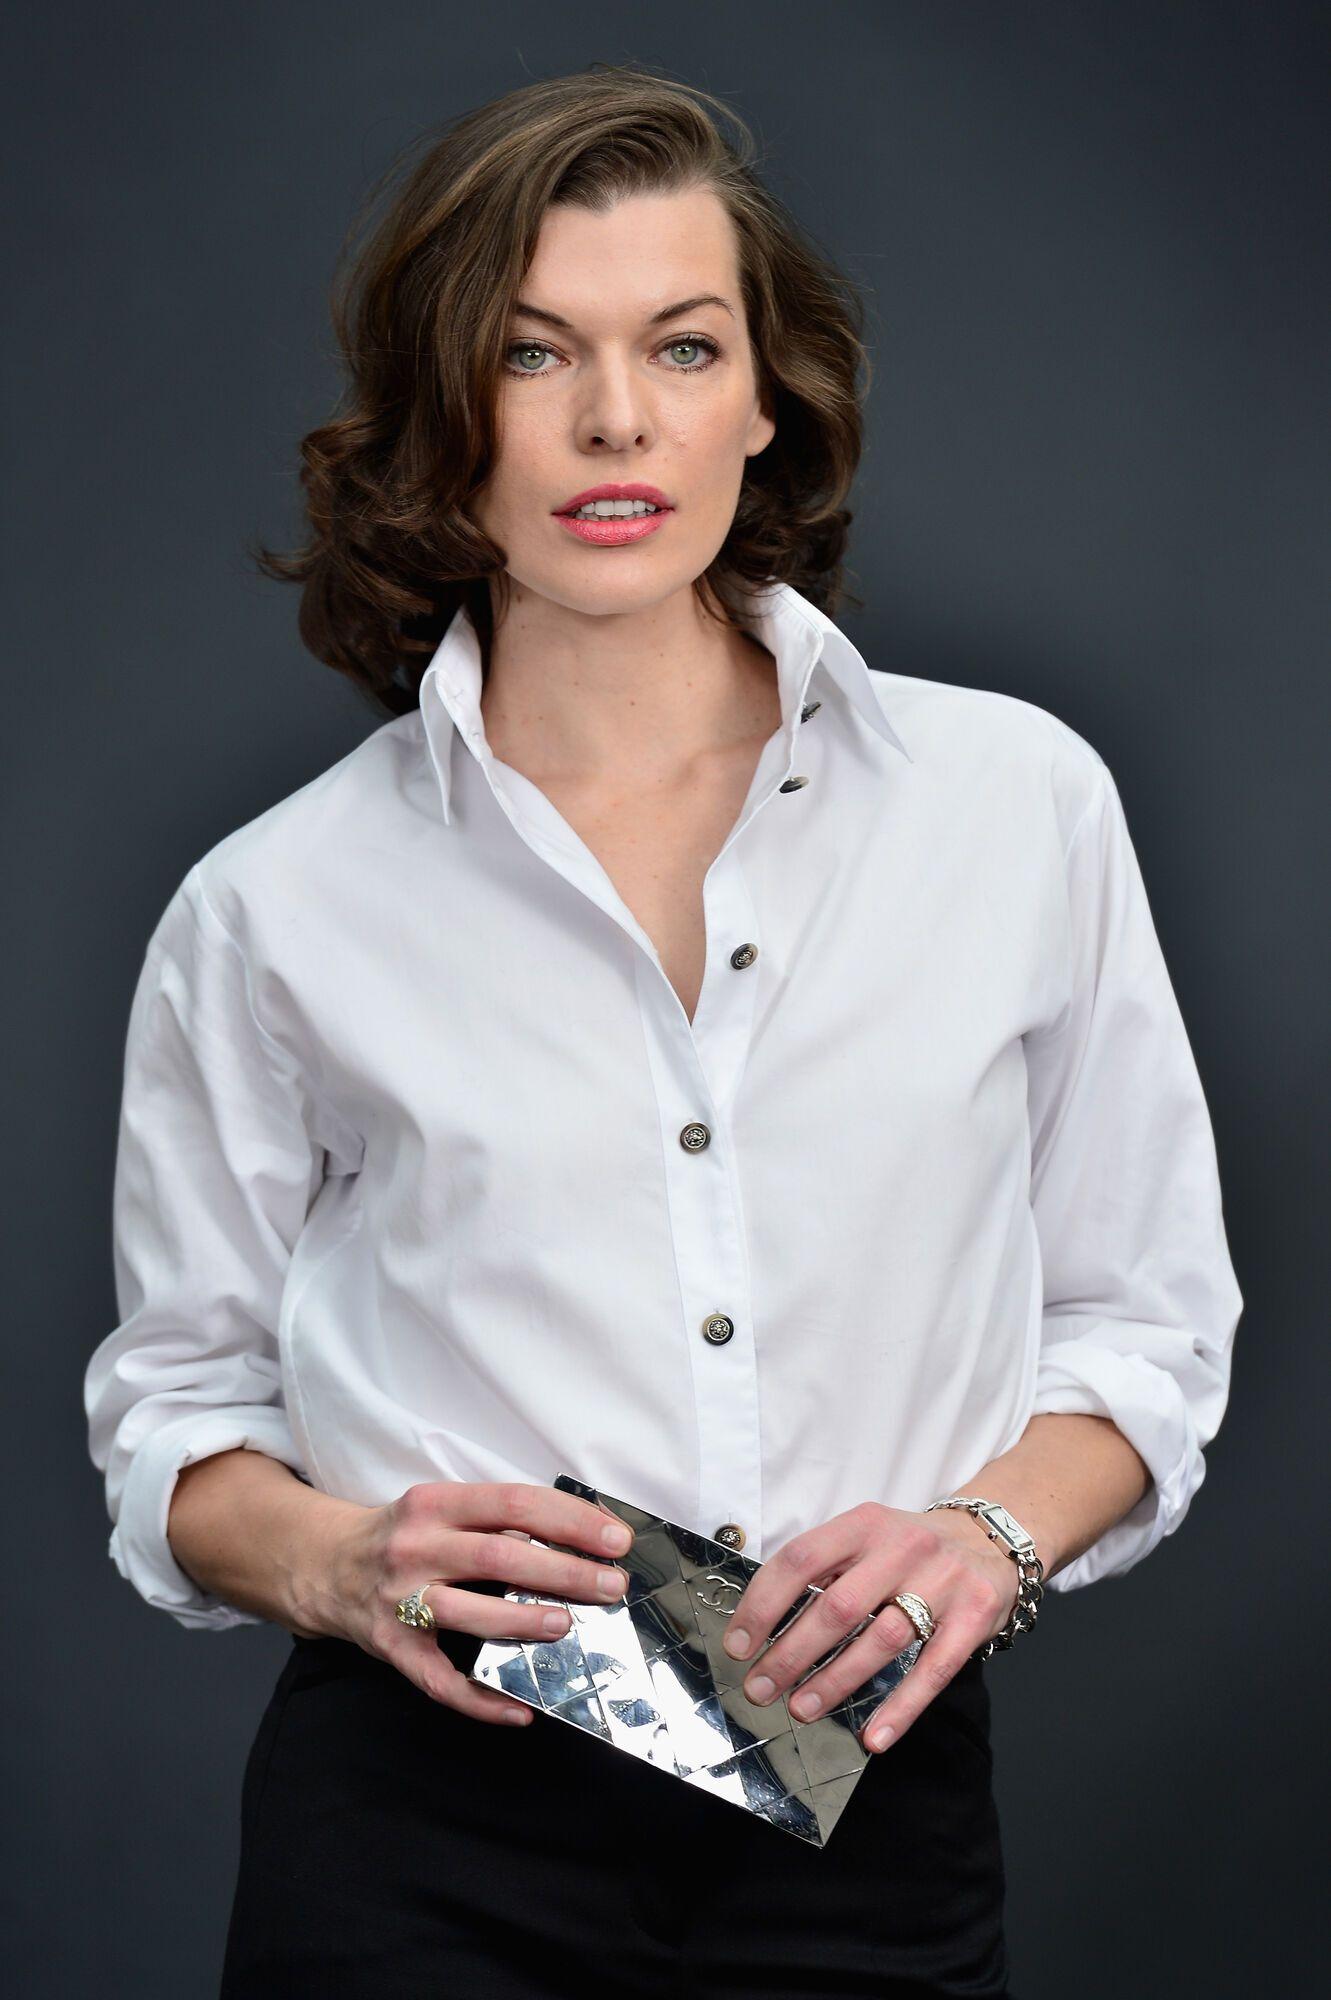 Мила Йовович родилась в Киеве